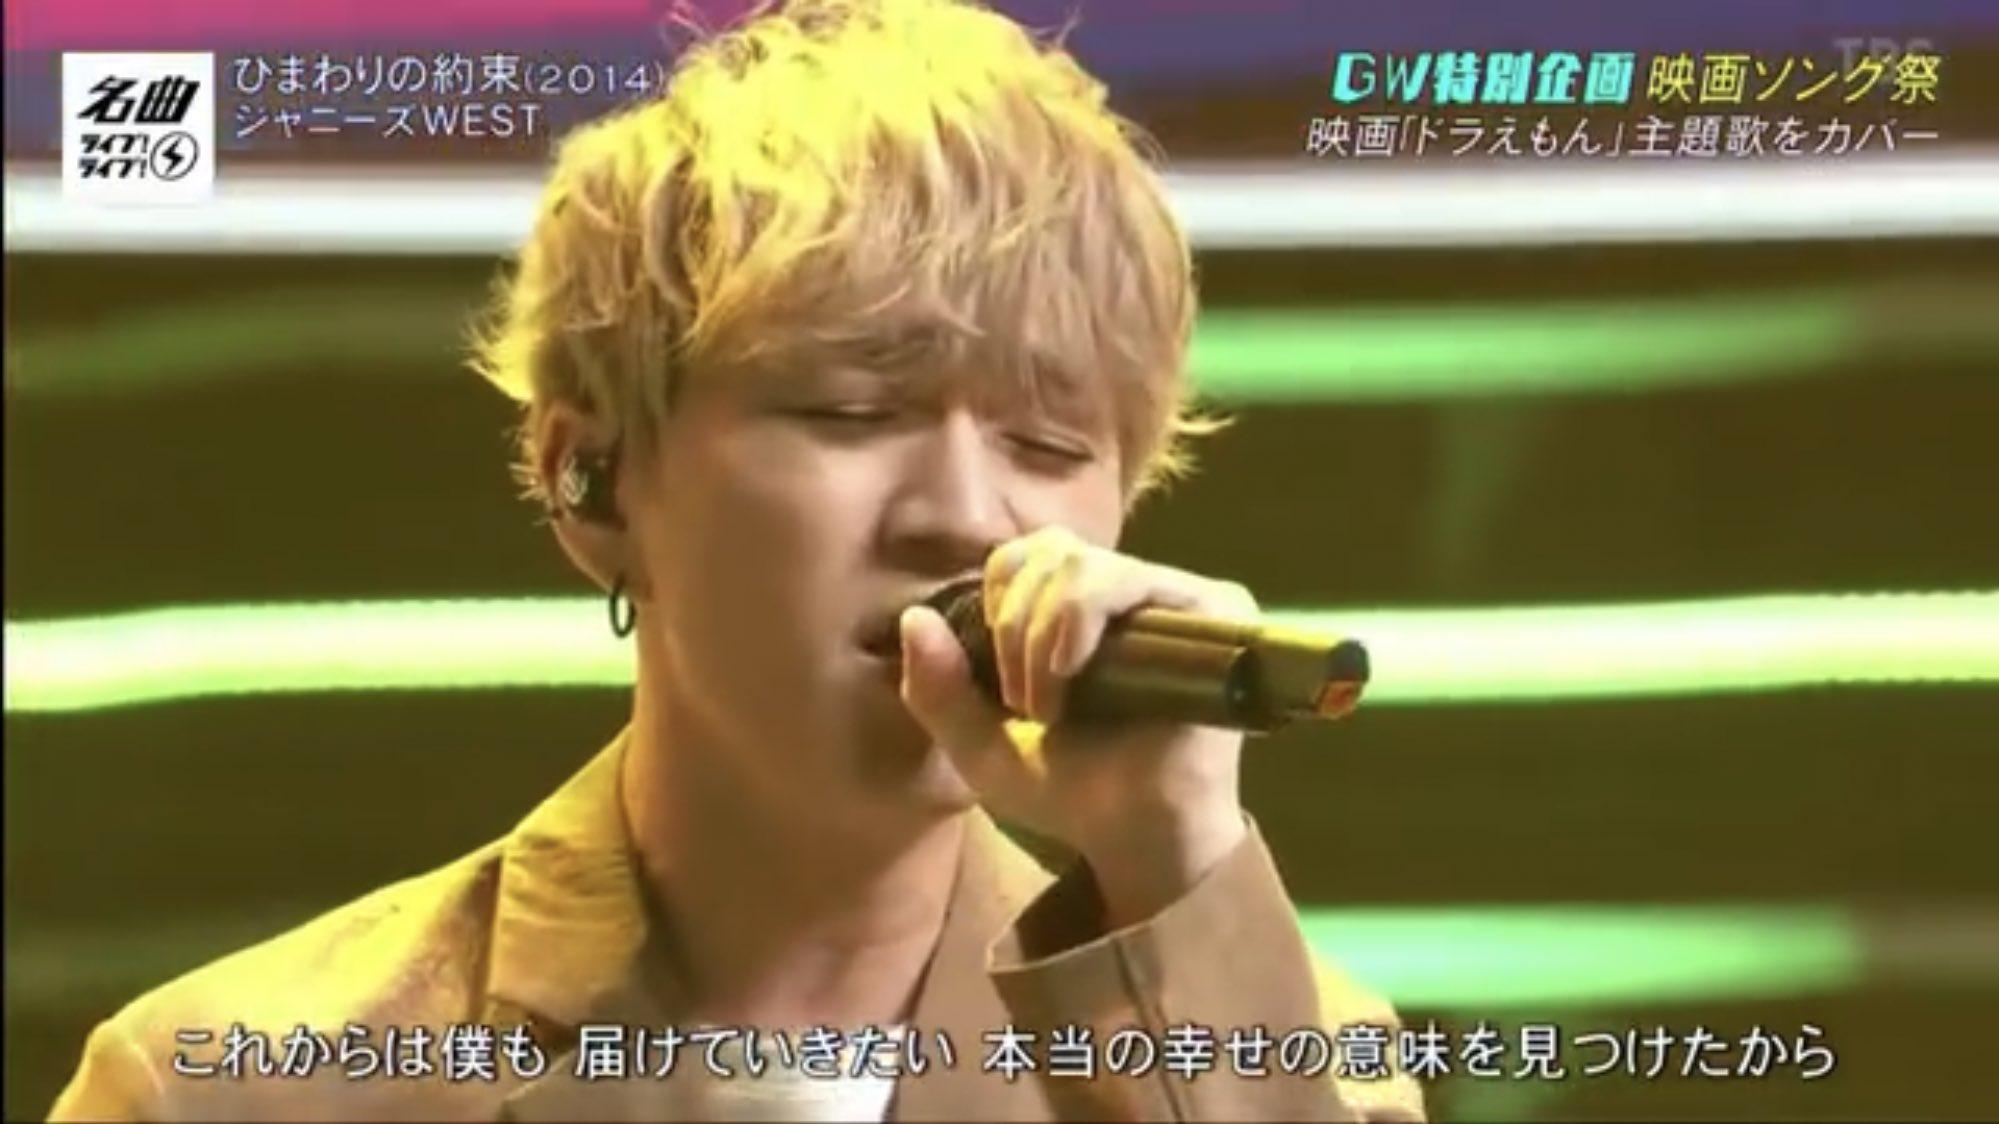 ジャニーズWEST「金髪の人」は神山智洋!歌上手いと音楽番組で絶賛!